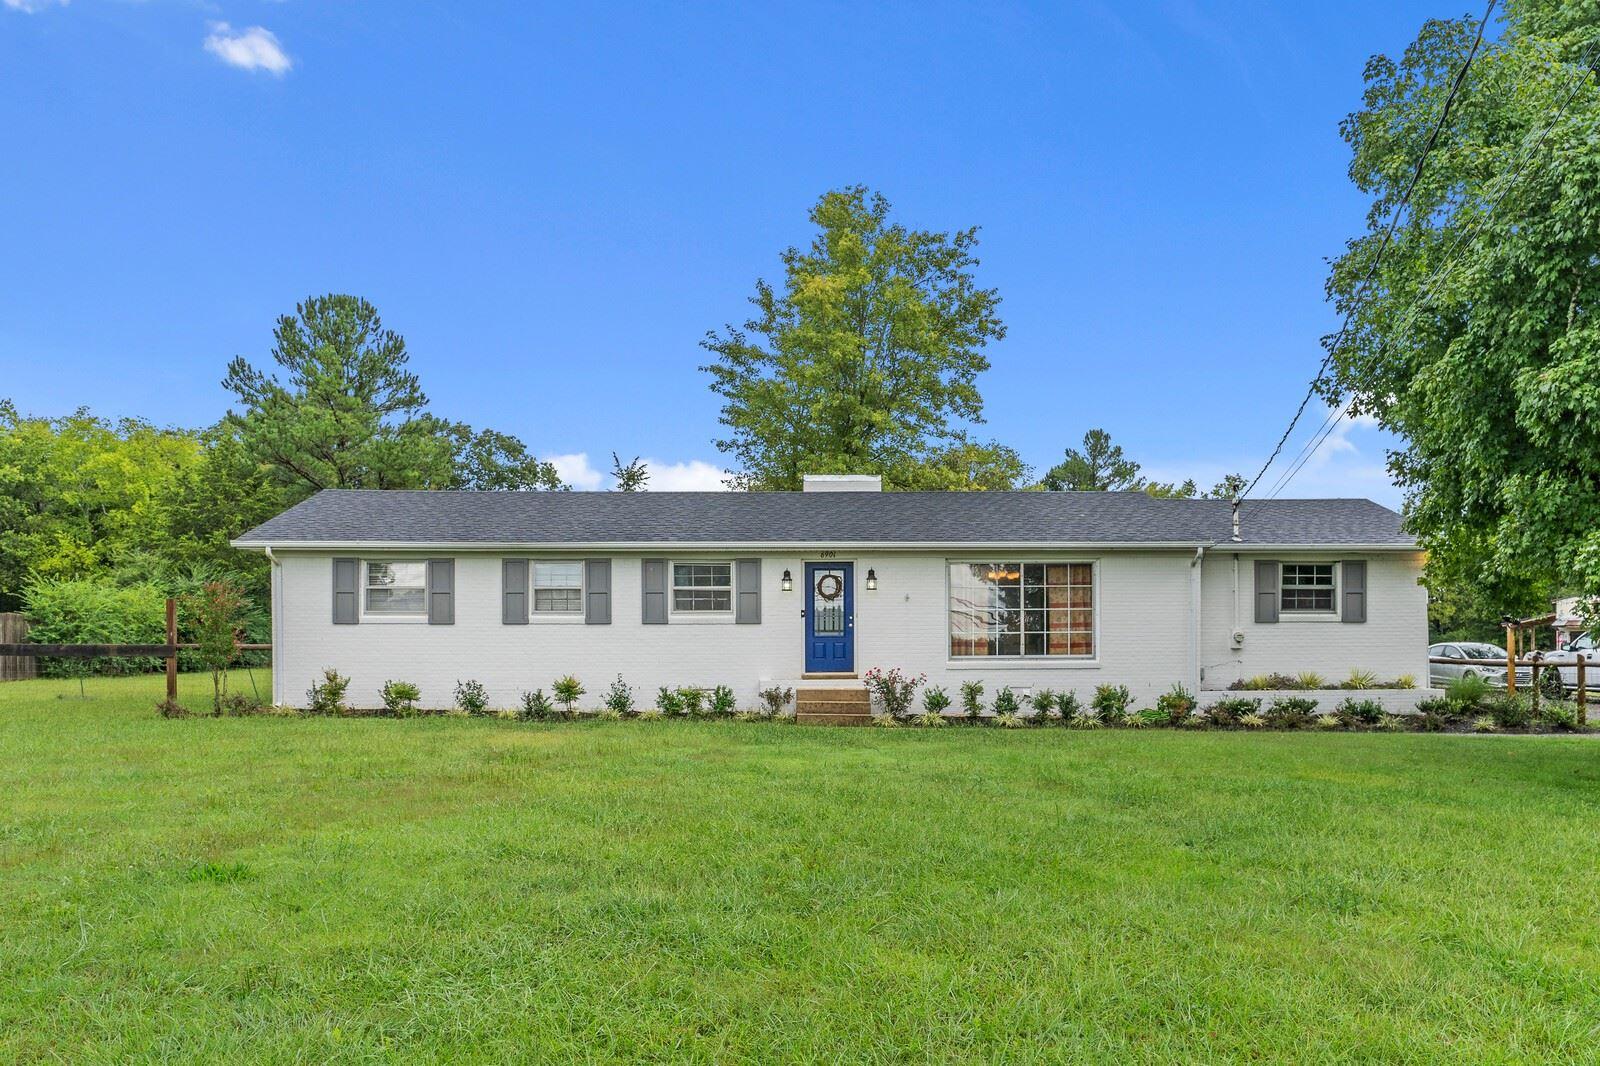 Photo of 6901 Woodbury Pike, Murfreesboro, TN 37127 (MLS # 2292496)